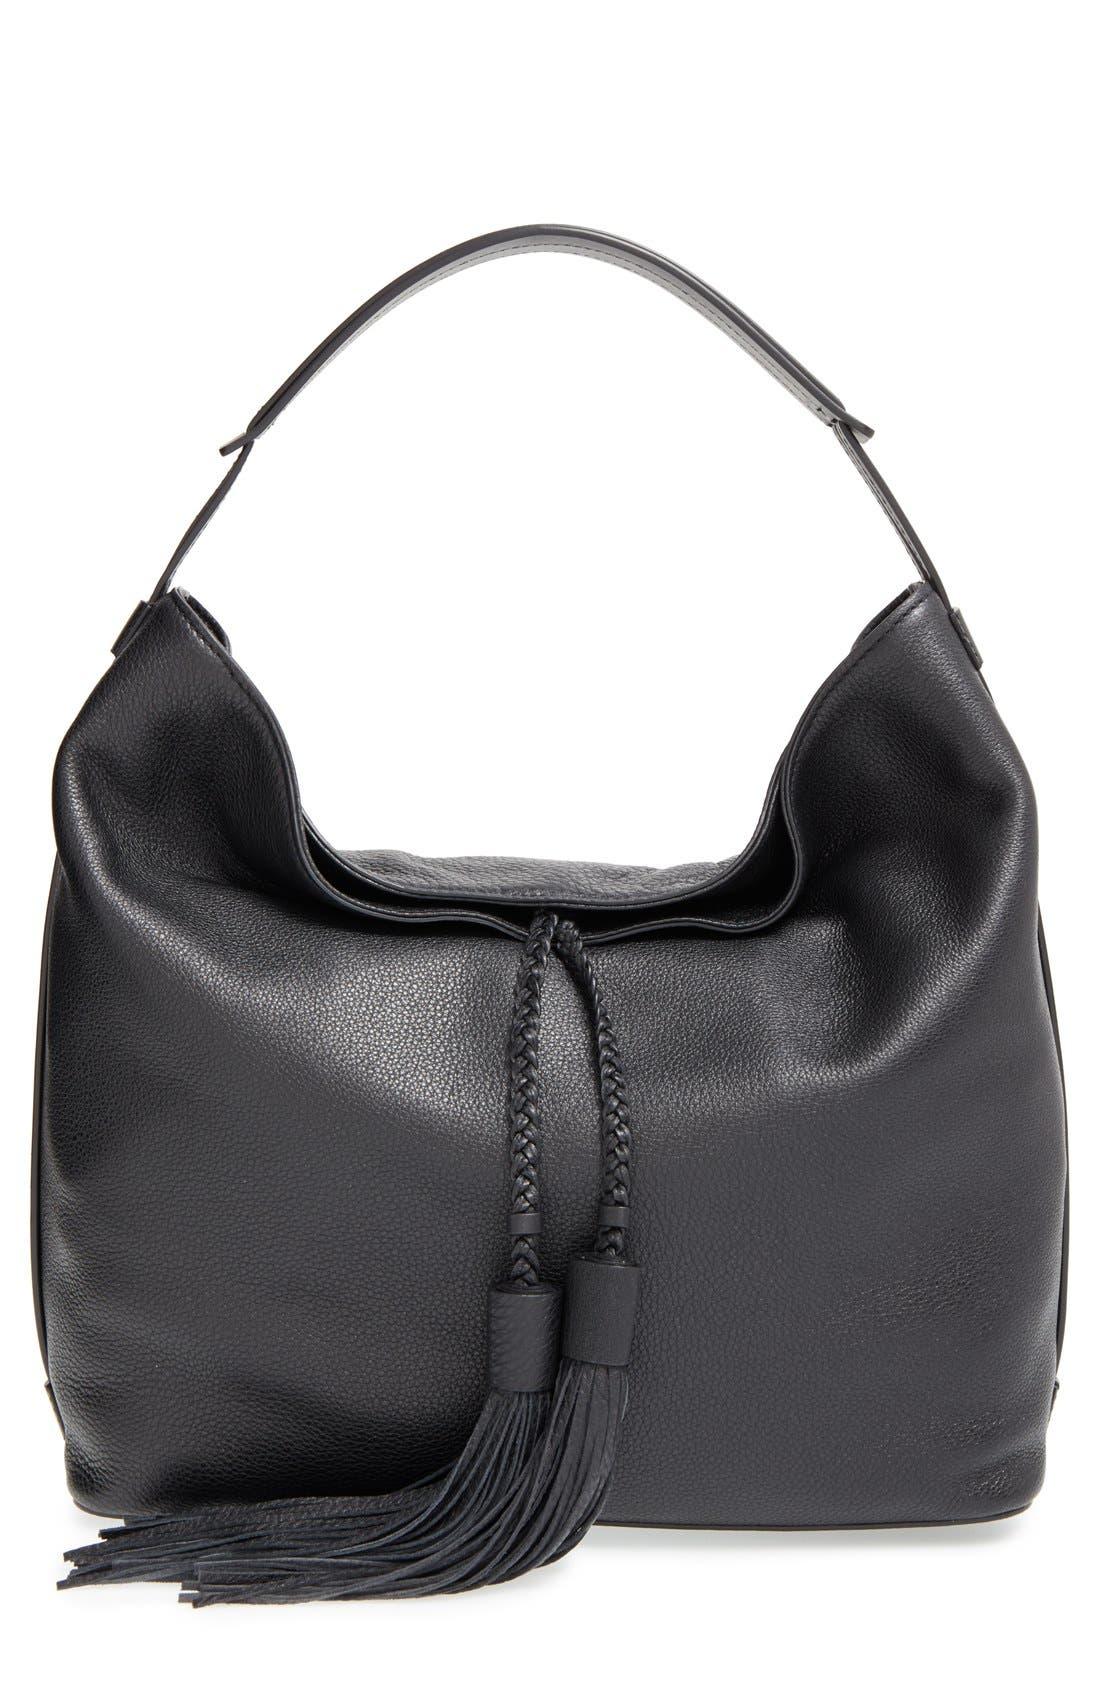 'Isobel' Tassel Leather Hobo,                             Main thumbnail 1, color,                             Black/ Light Gold Hrdwr